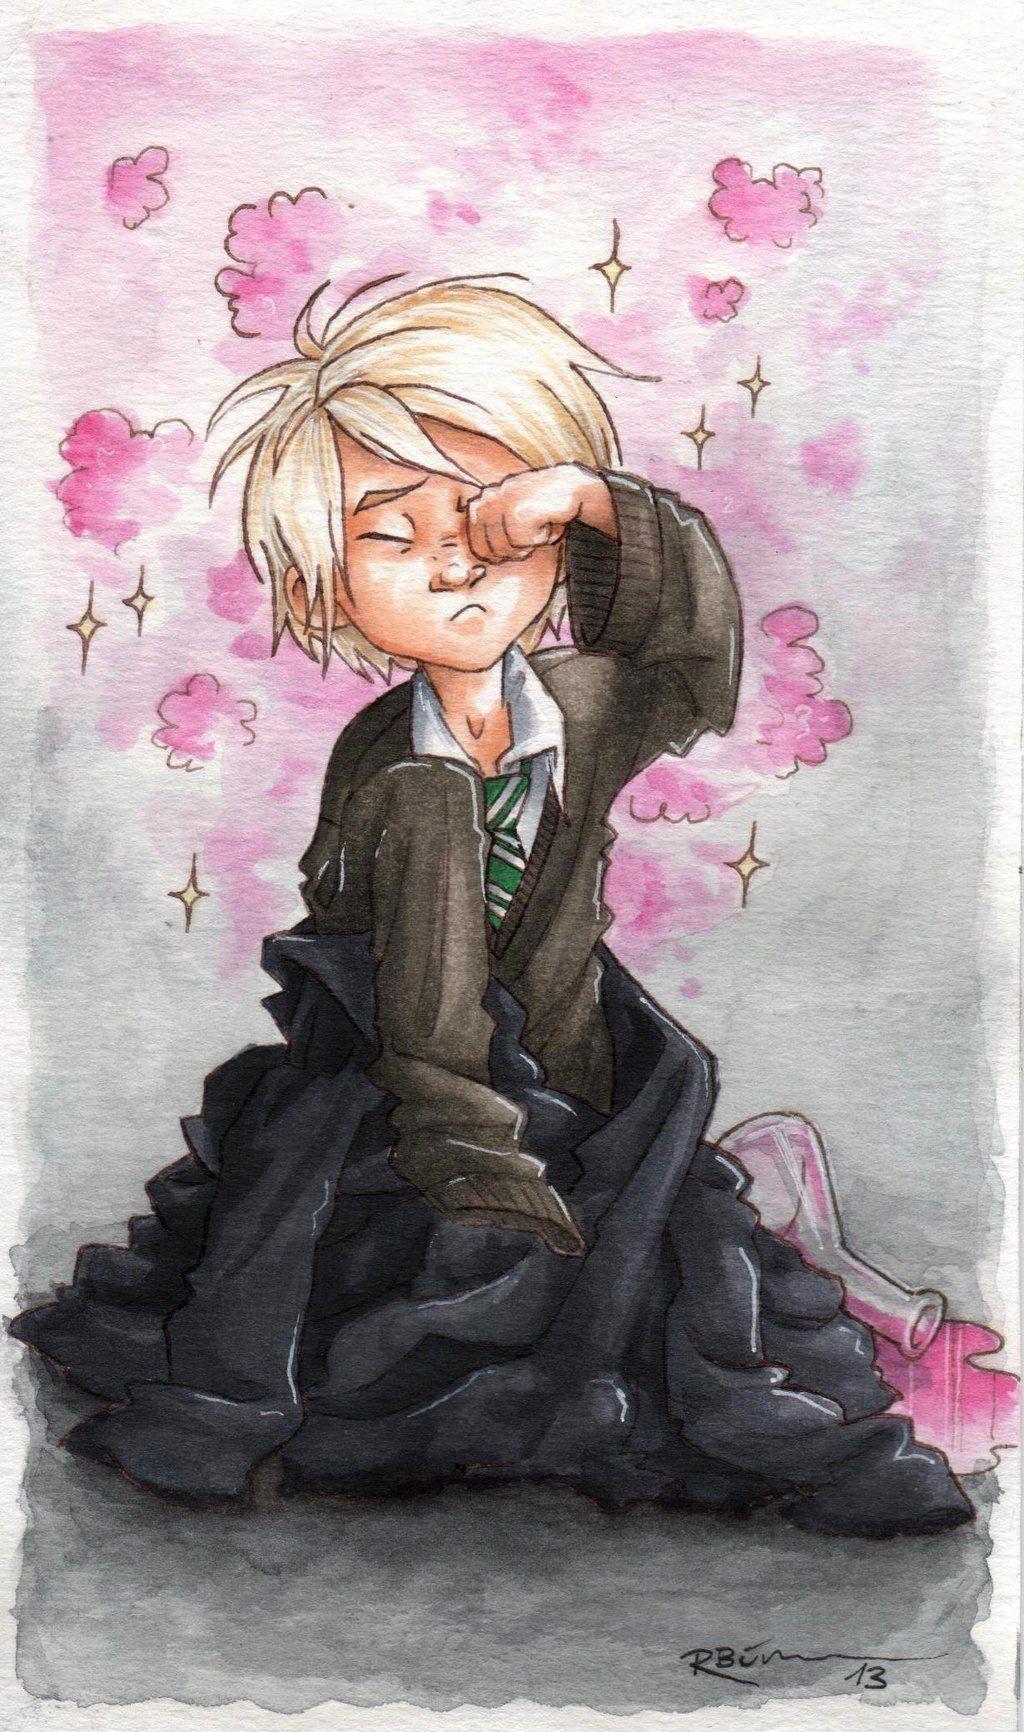 Baby Draco | Harry Potter Stuff in 2019 | Harry potter fan